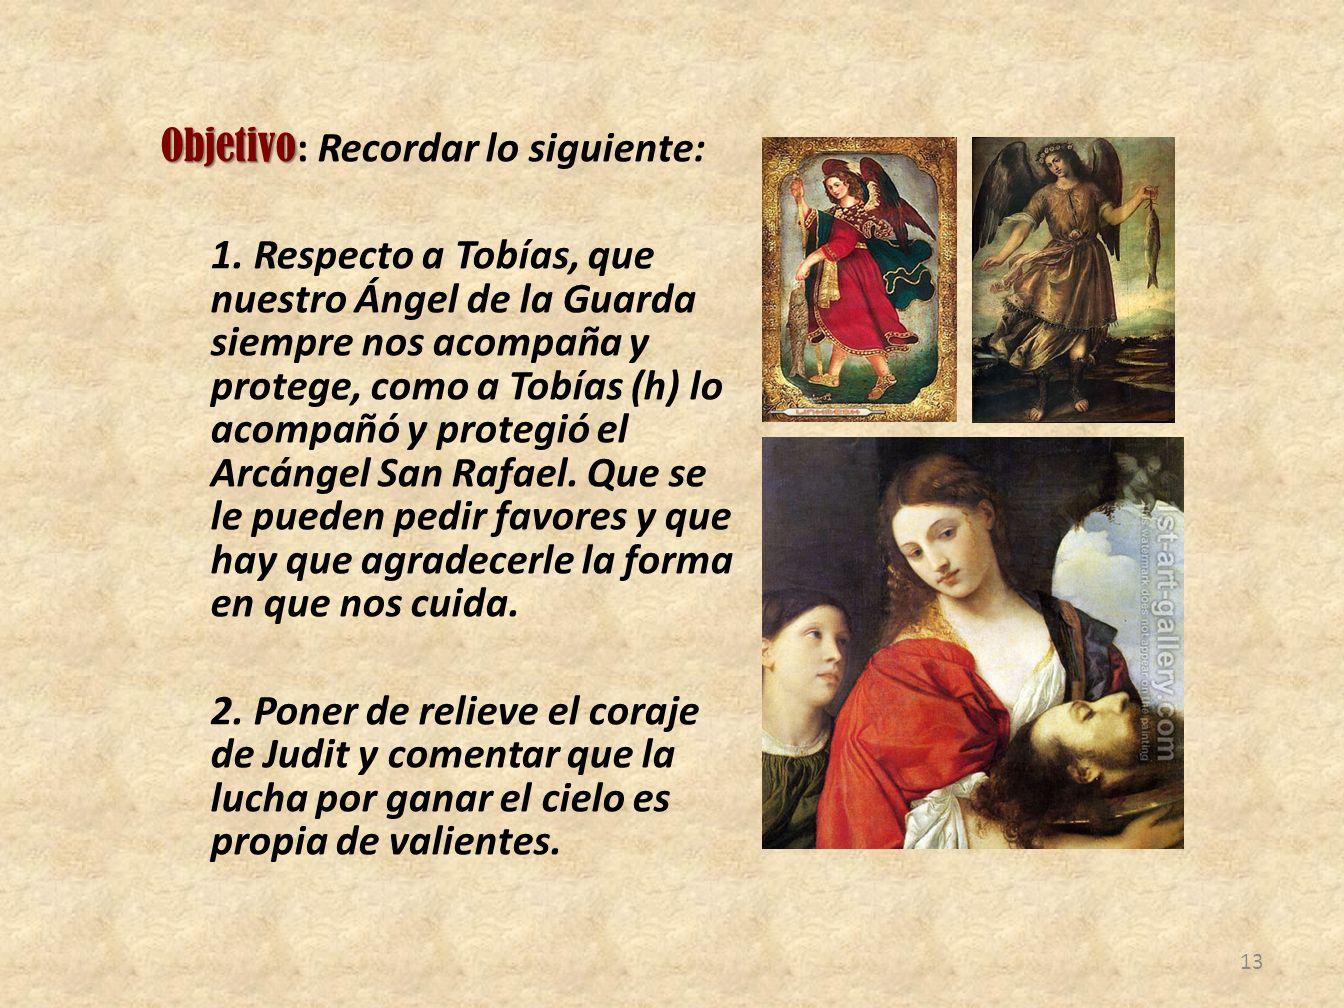 Objetivo Objetivo : Recordar lo siguiente: 1. Respecto a Tobías, que nuestro Ángel de la Guarda siempre nos acompaña y protege, como a Tobías (h) lo a